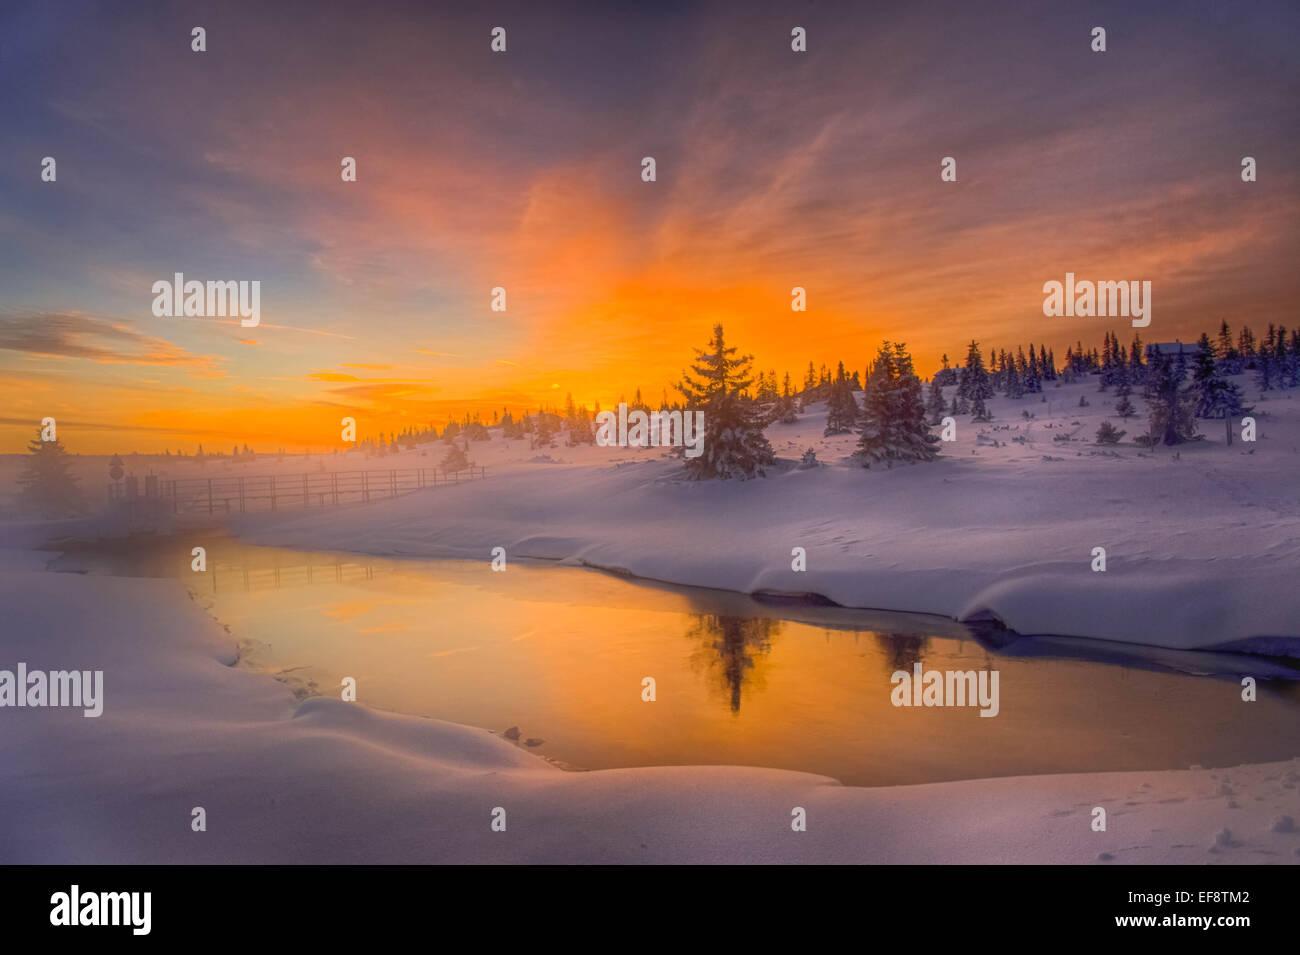 Noruega, Namsos, paisaje de invierno con niebla al amanecer. Foto de stock